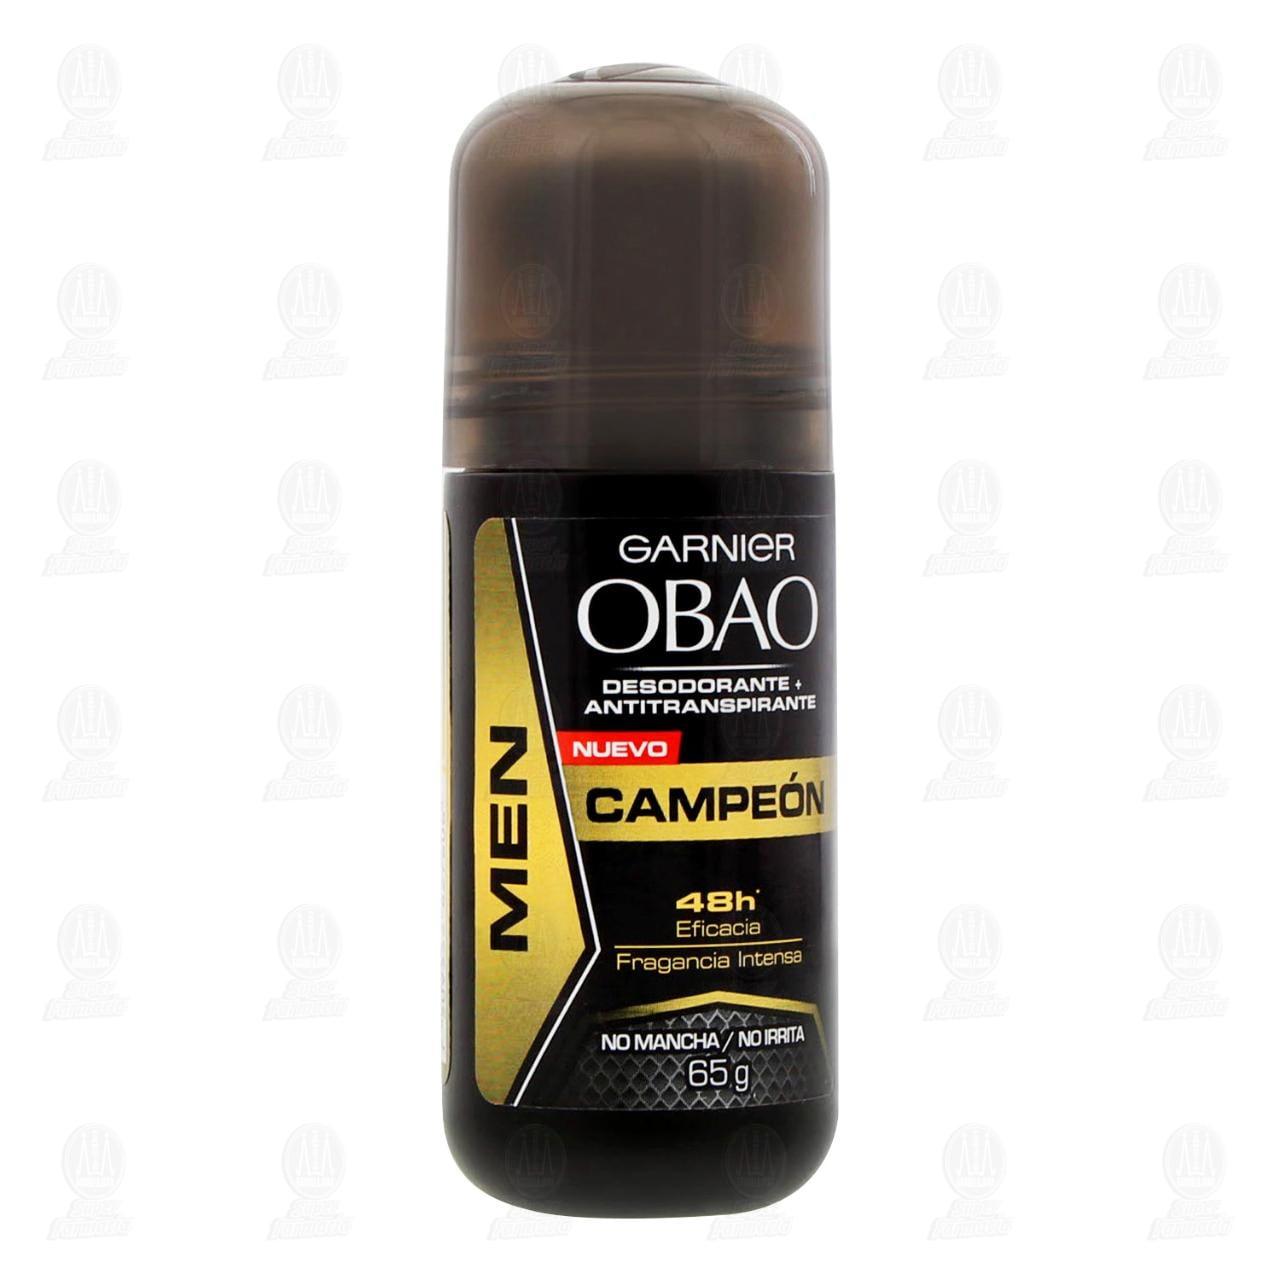 Comprar Desodorante + Antitranspirante Garnier Obao Men Campeón Roll-On, 65 gr. en Farmacias Guadalajara